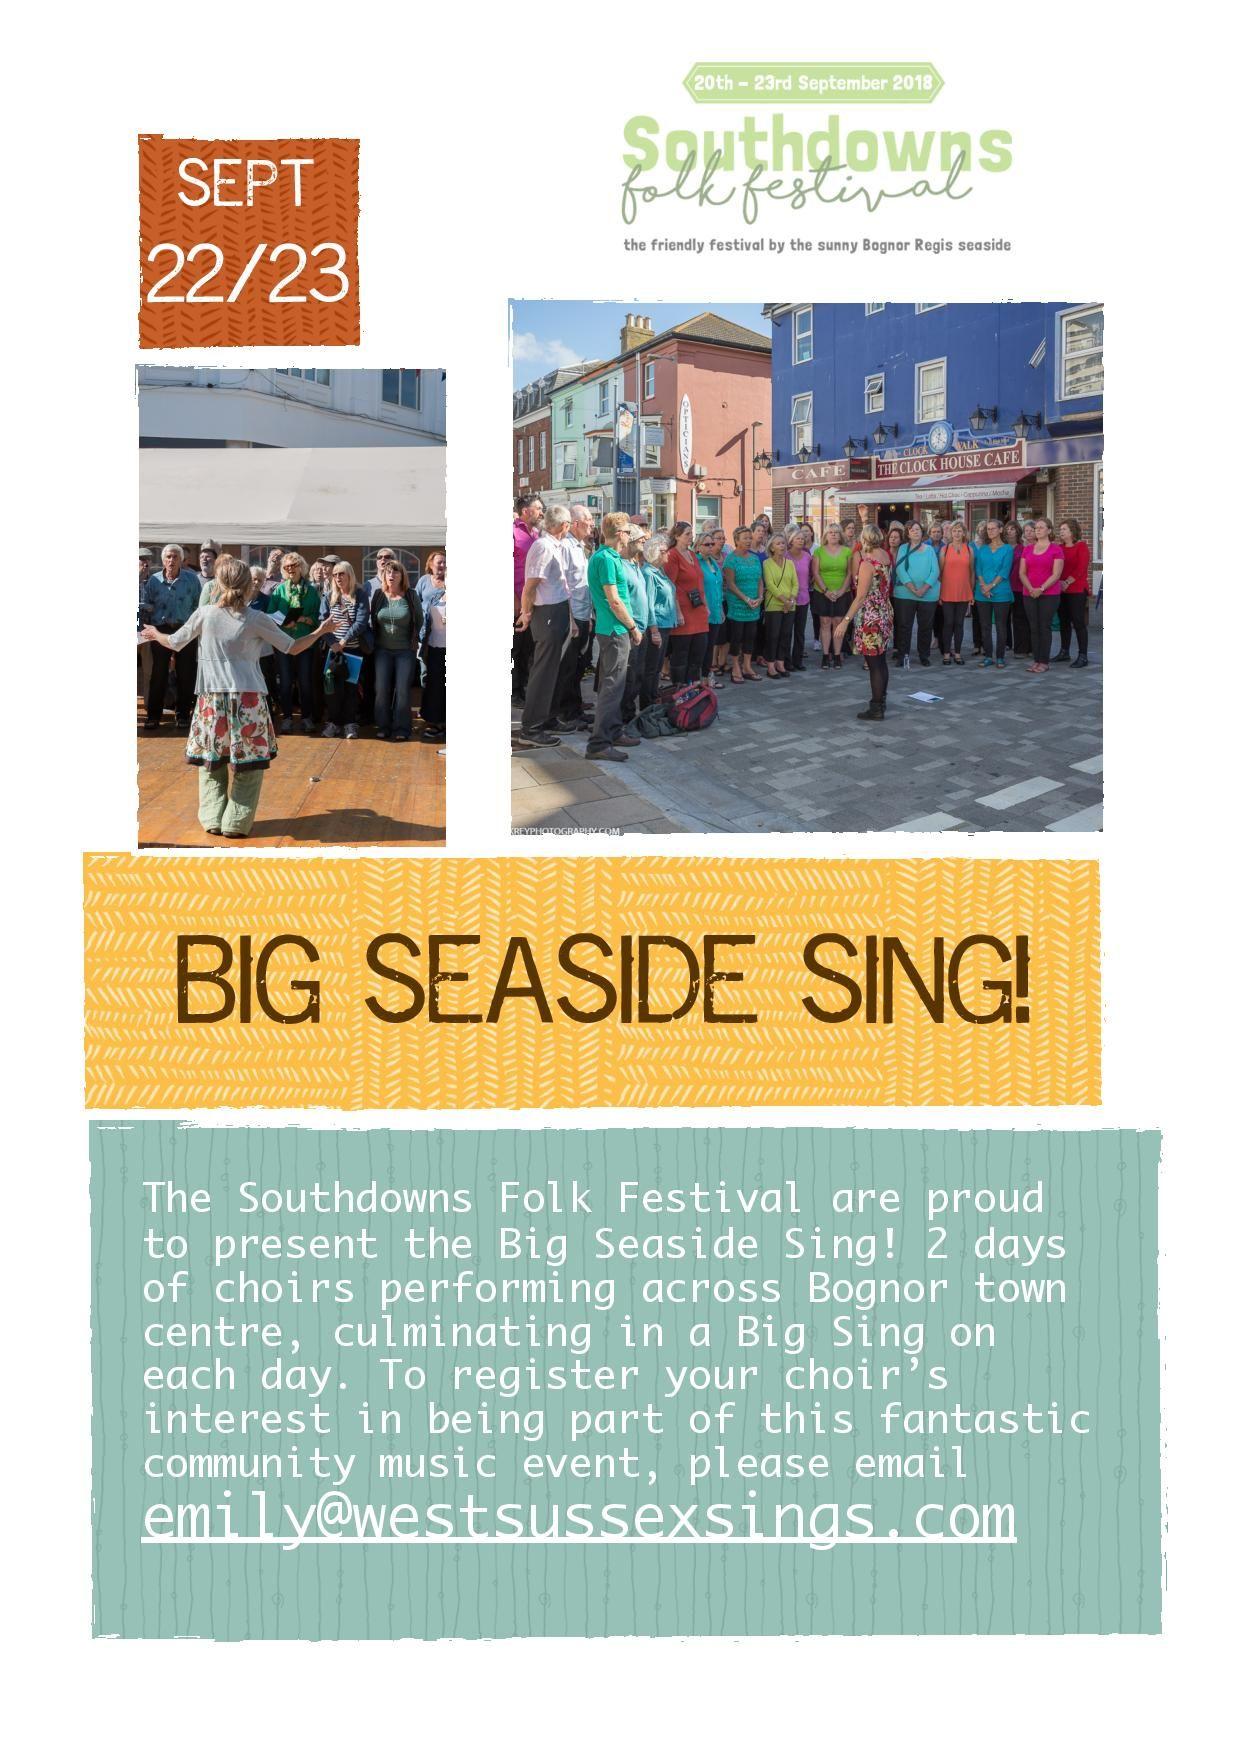 Big Seaside Sing poster